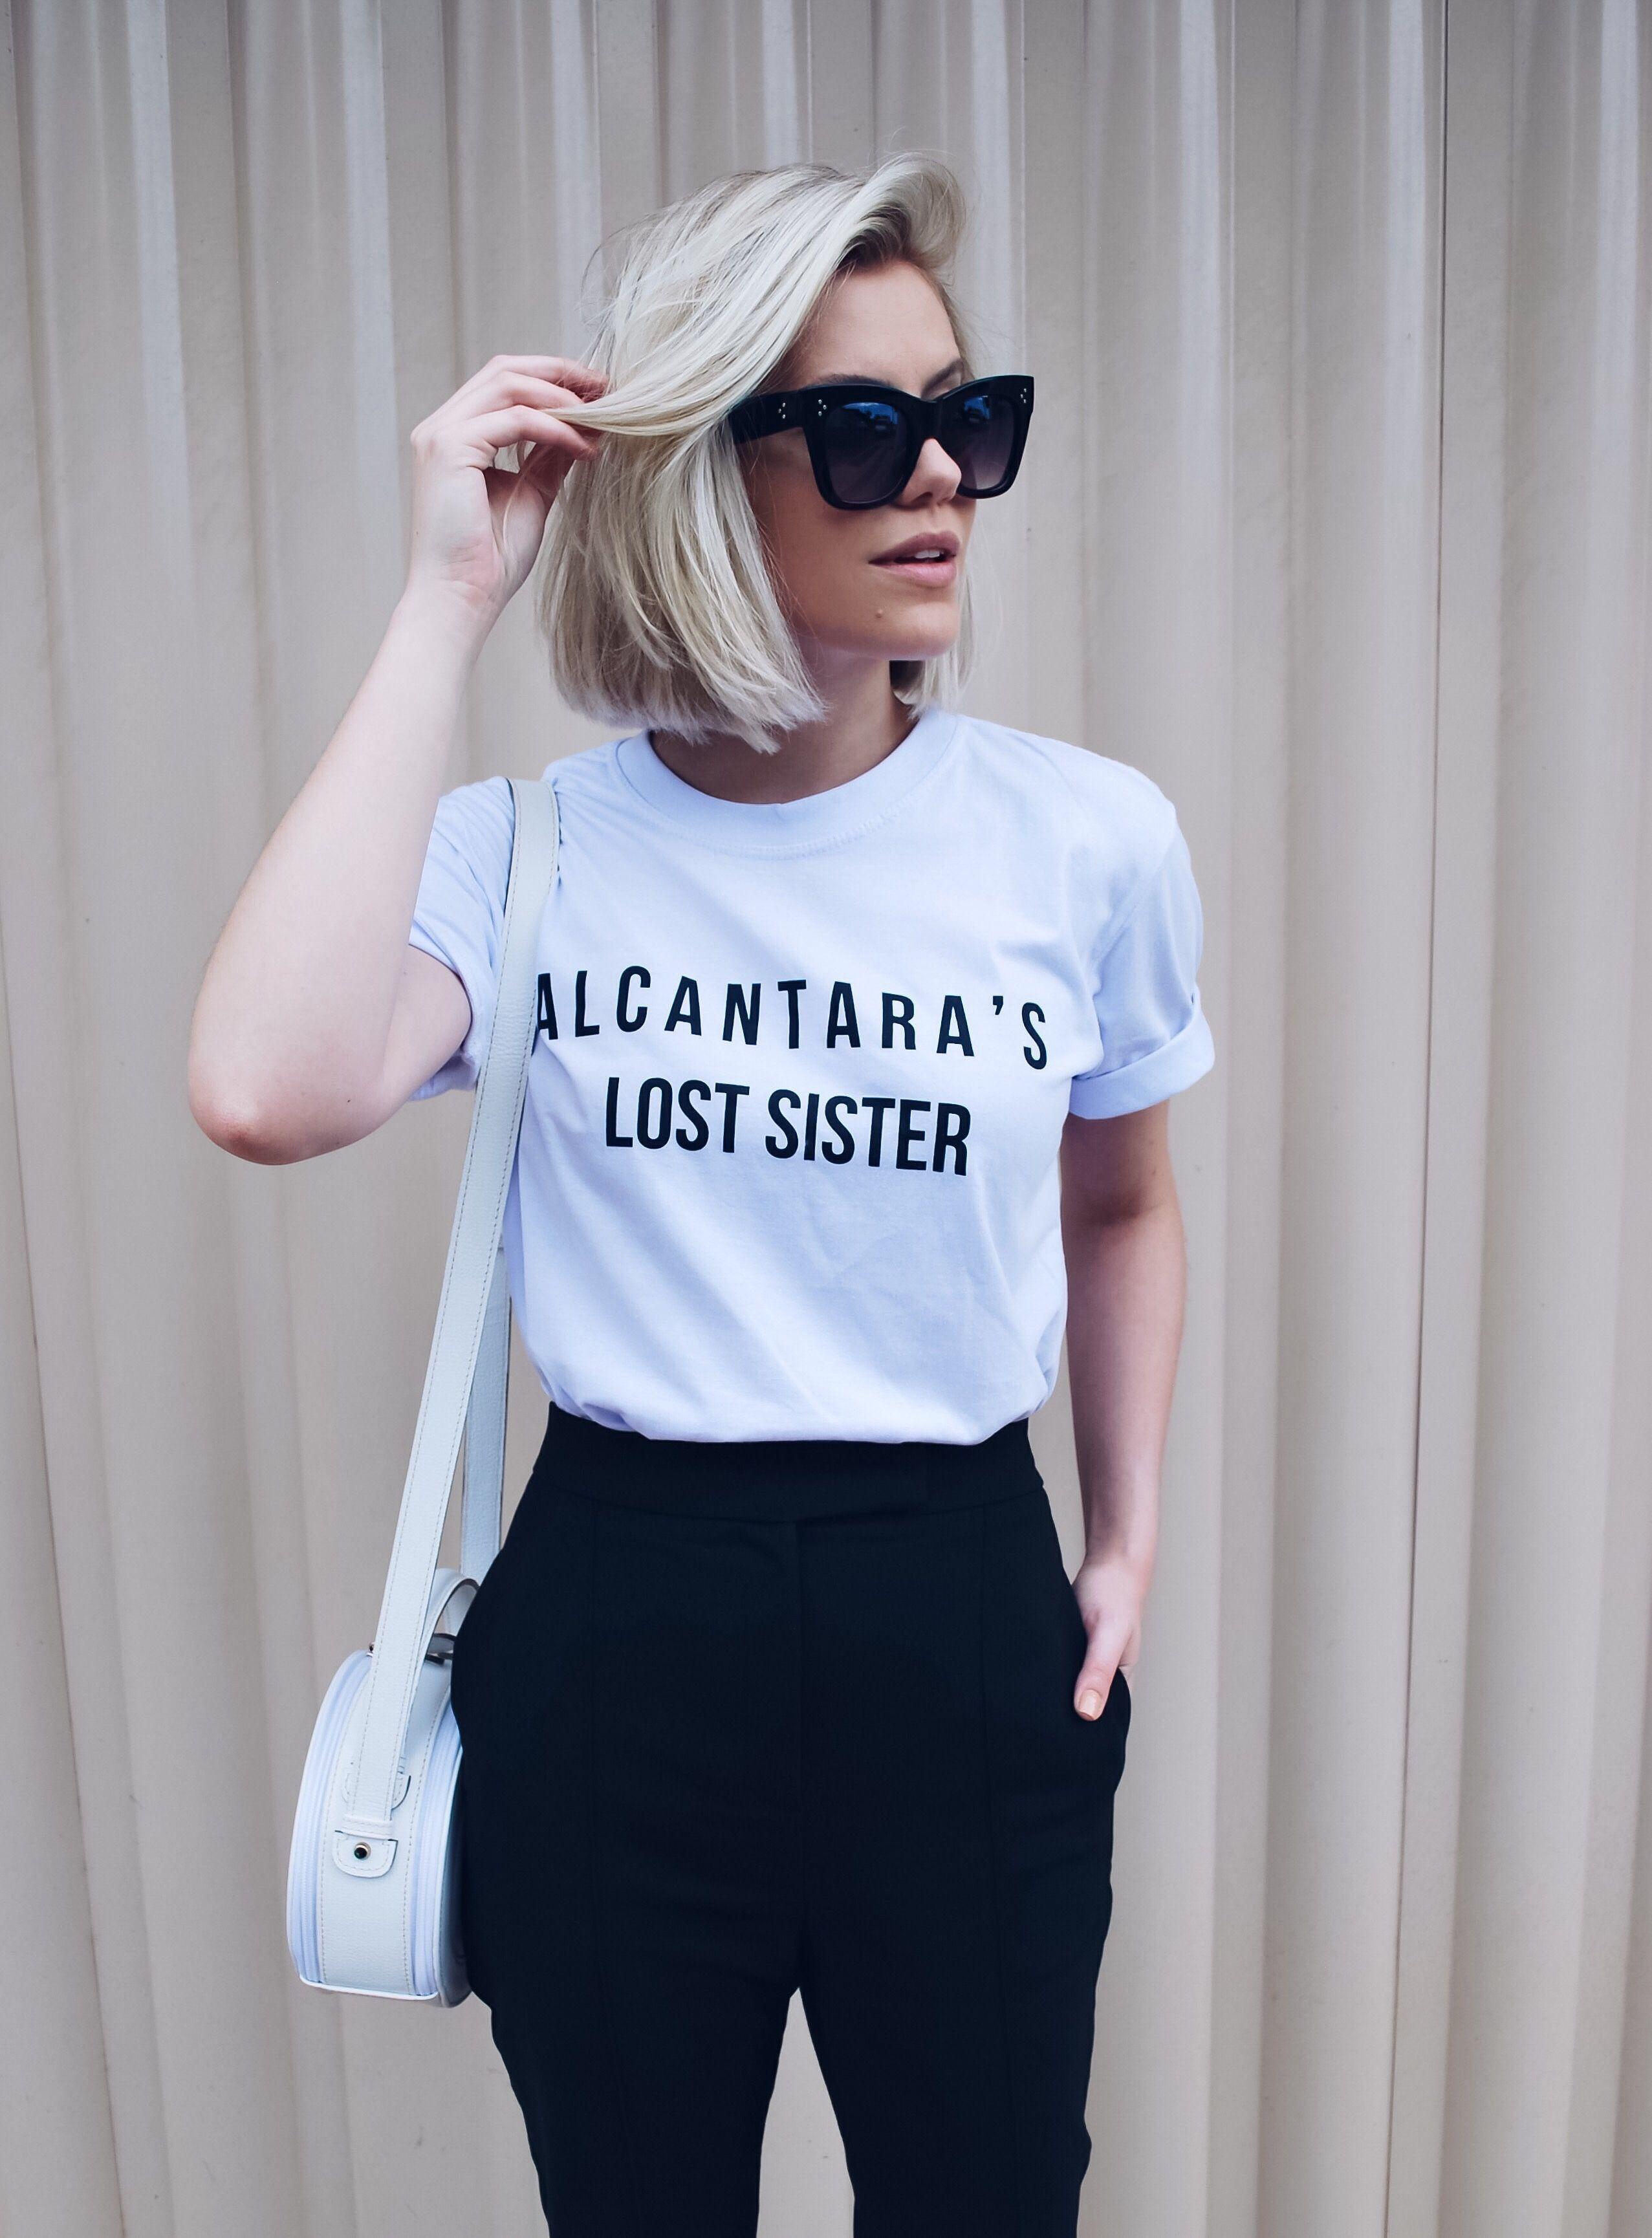 59ea674d85 t-shirt branca + calça preta.  minimalismo